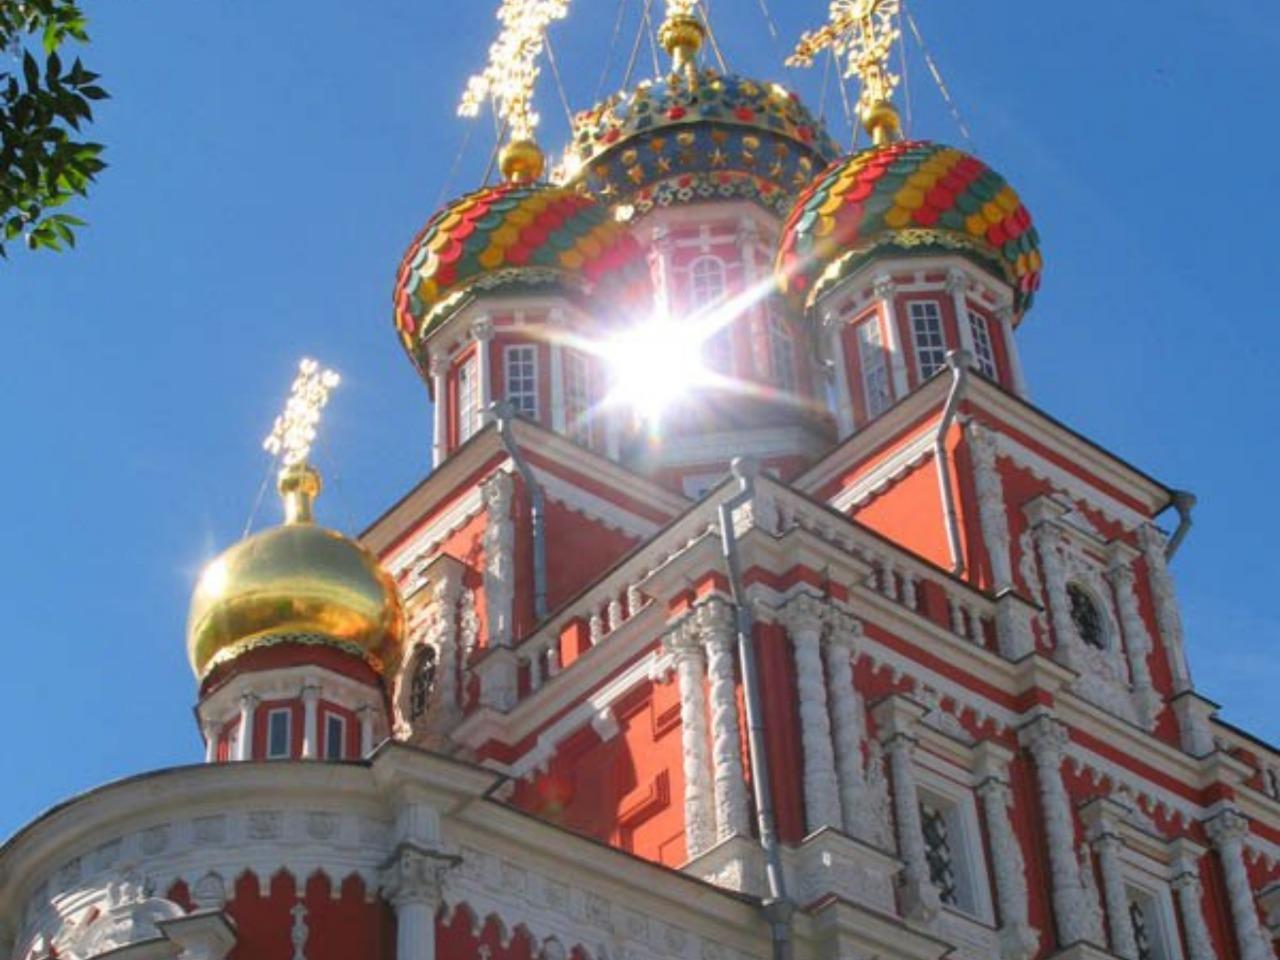 Блеск и нищета улицы Рождественской - индивидуальная экскурсия по Нижнему Новгороду от опытного гида